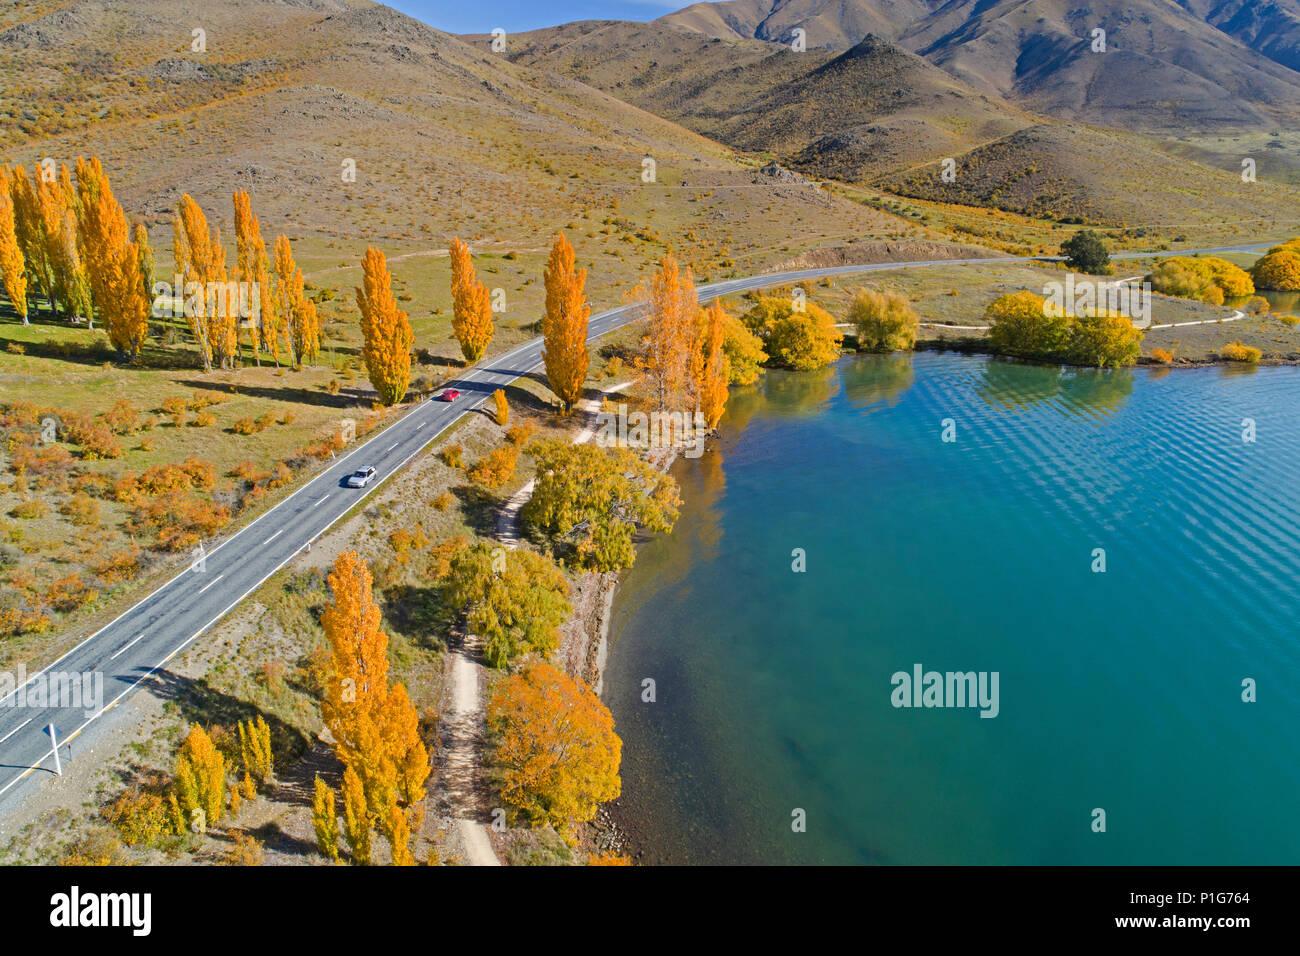 Autostrada e Alpi 2 Ocean pista ciclabile e il Lago Benmore, Waitaki Valley, North Otago, South Island, in Nuova Zelanda - antenna fuco Immagini Stock